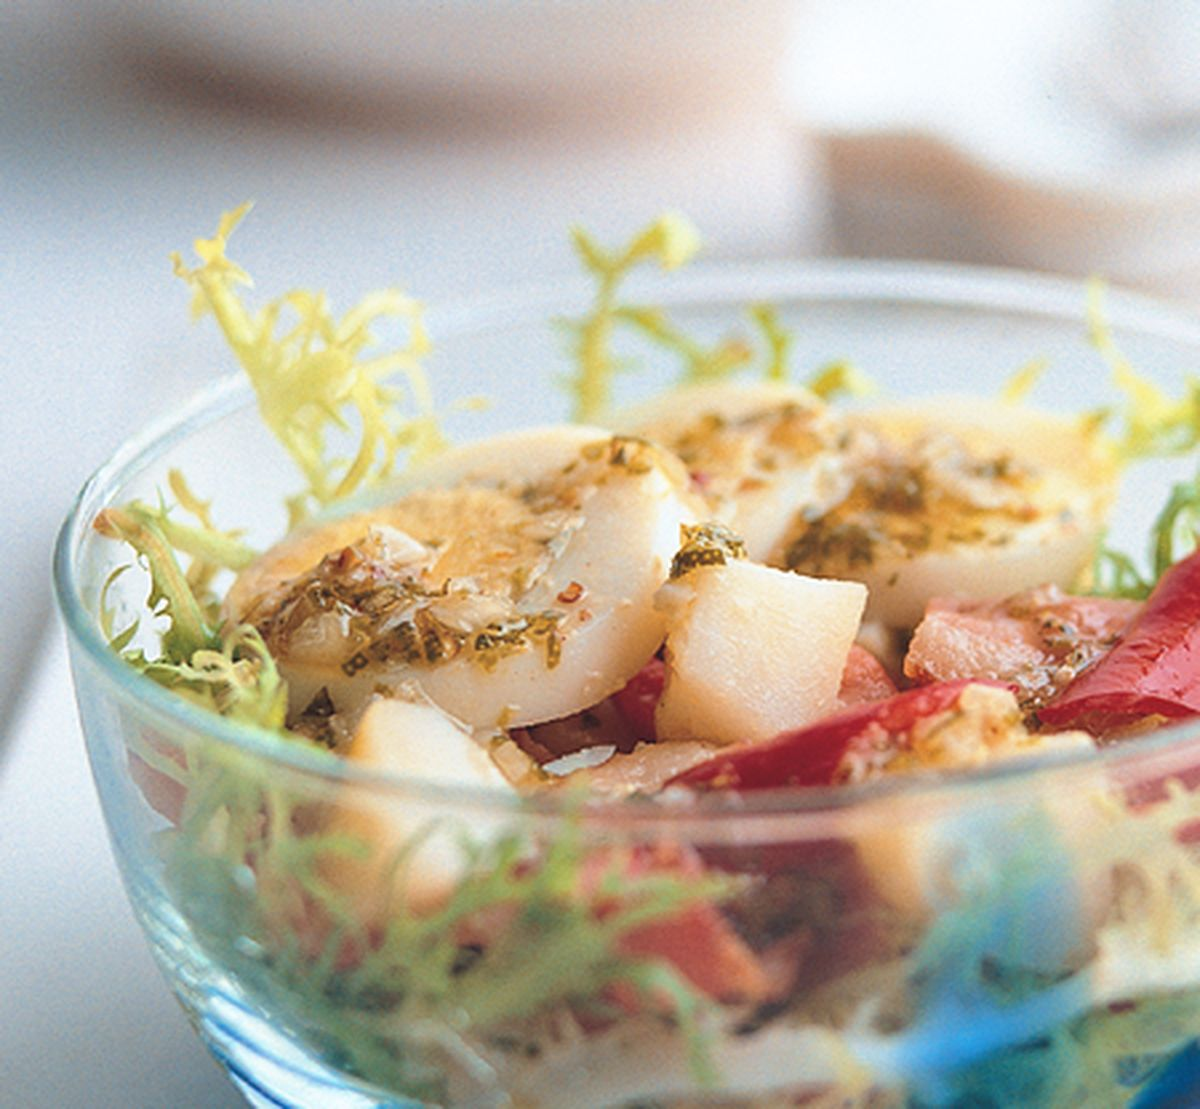 食譜:鬚苣沙拉